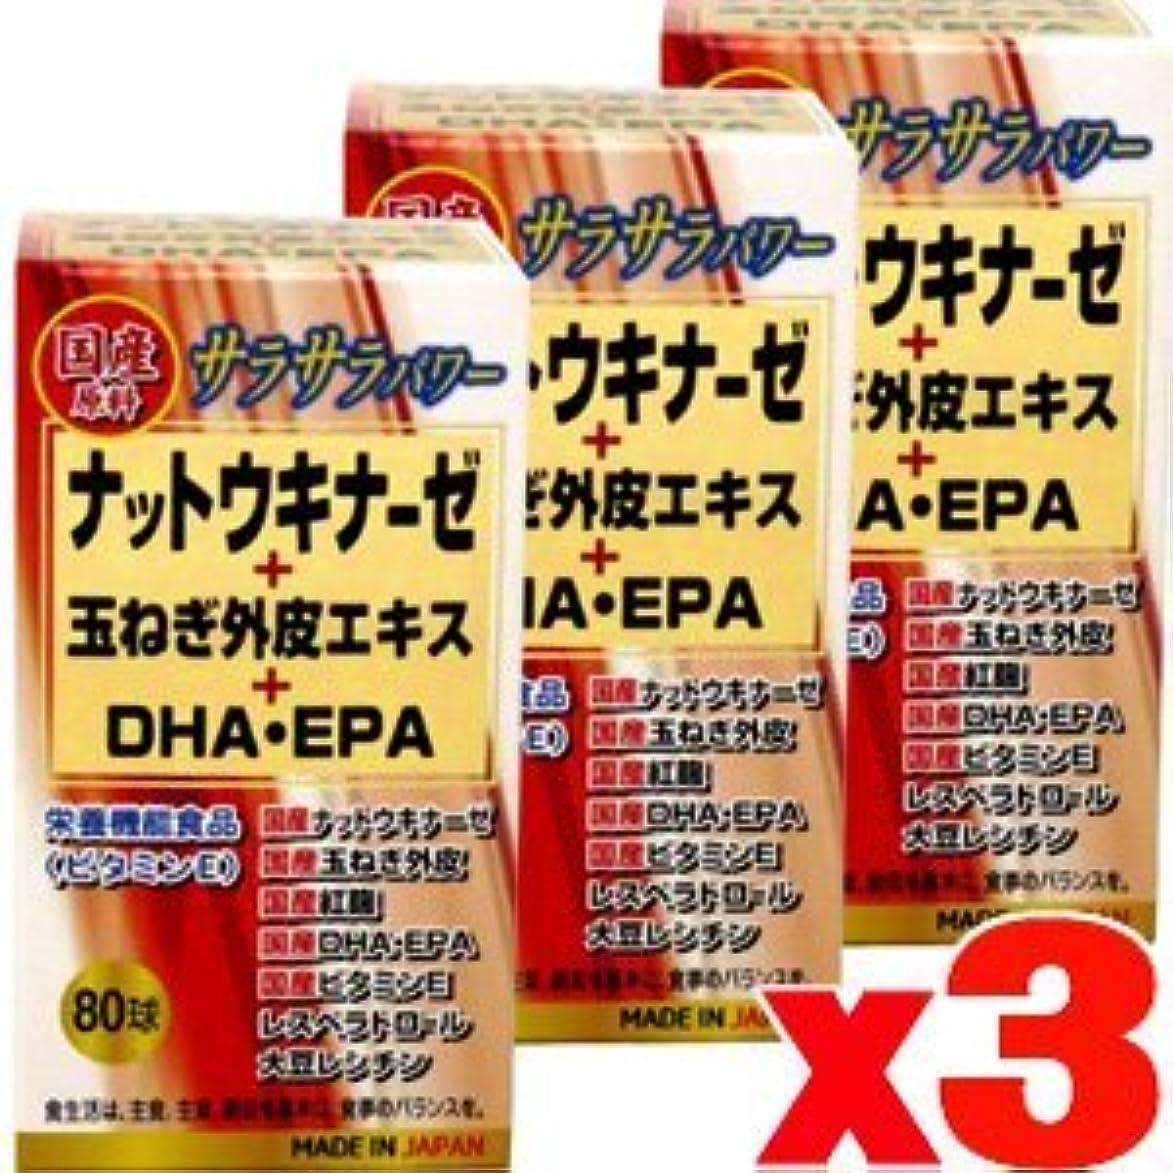 迷惑賃金ドラゴン【3個】ユウキ製薬 ナットウキナーゼ+玉ねぎ外皮エキス+DHA?EPA 80球x3個(4524326202109)